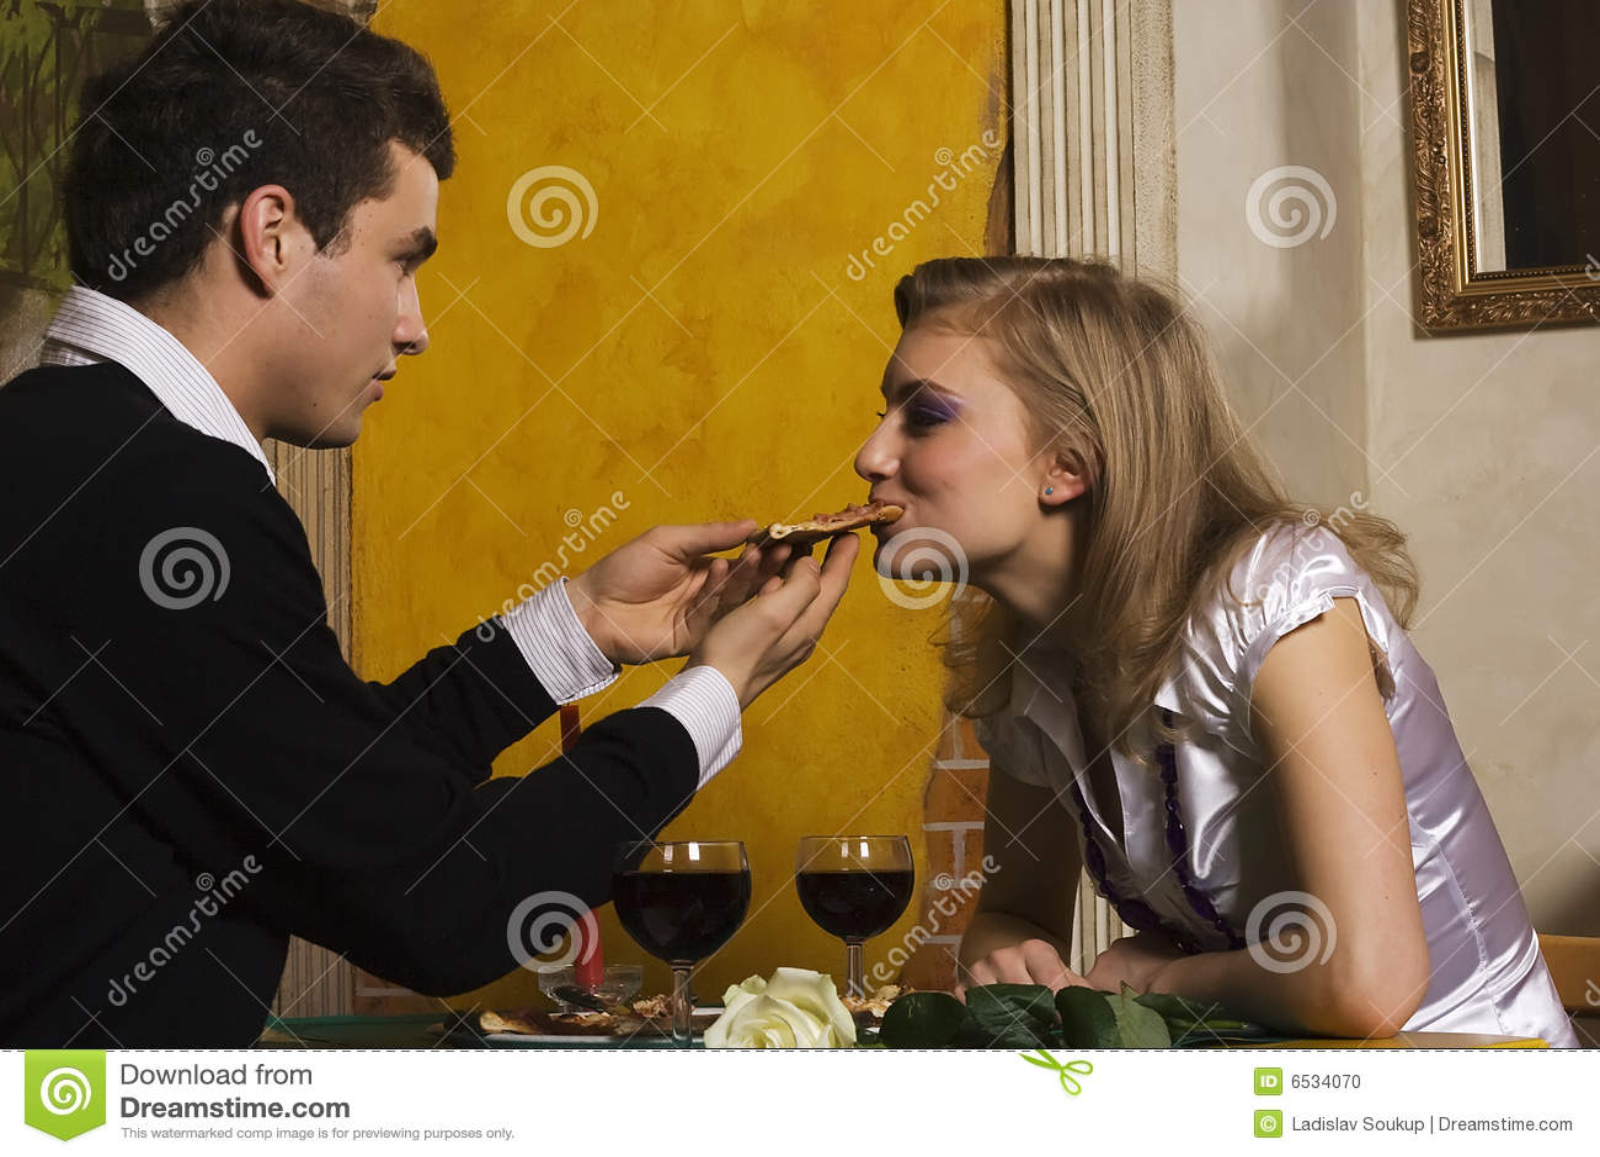 浪漫正餐的比萨店